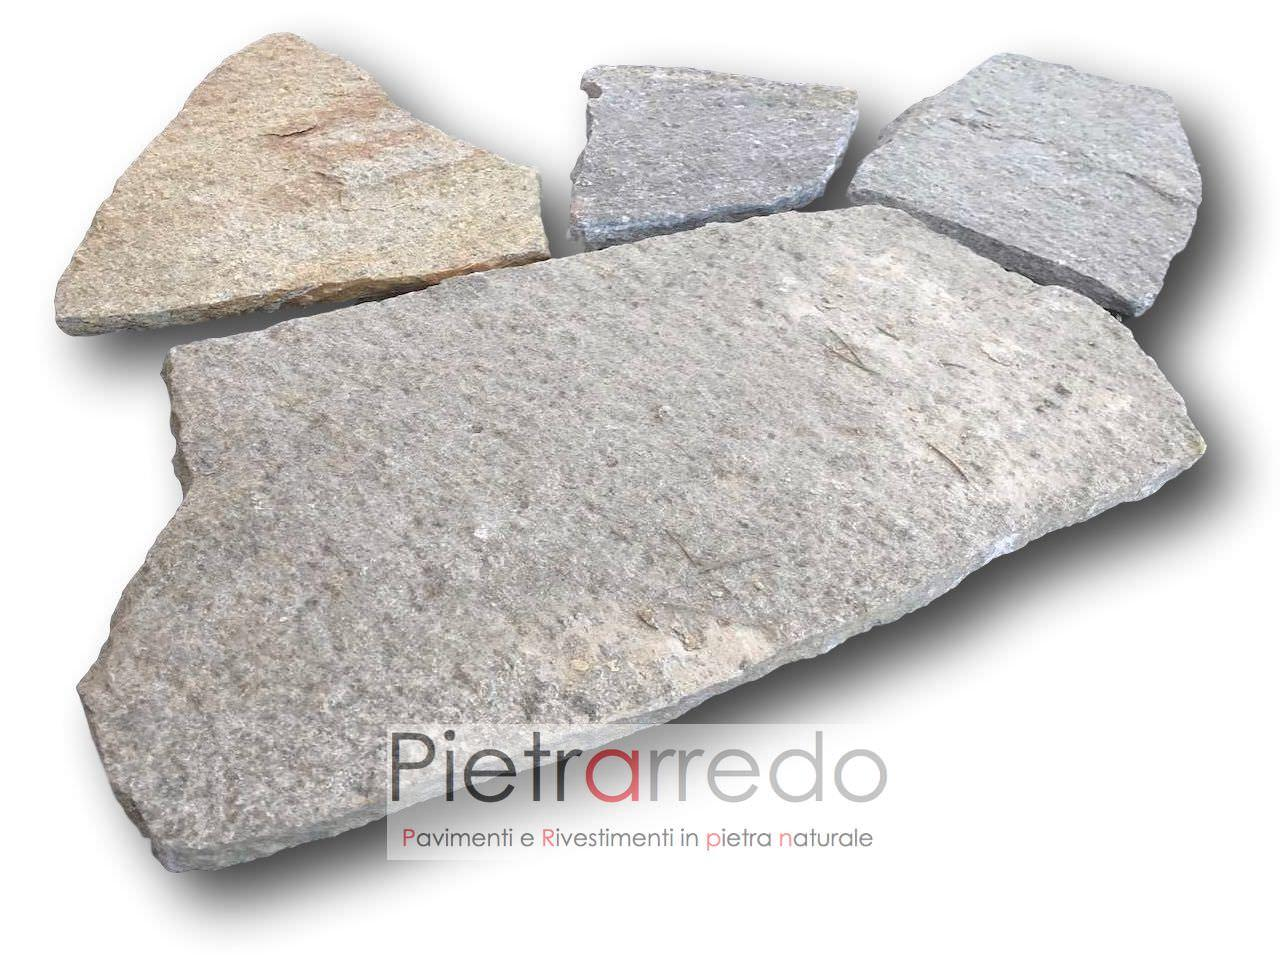 Pavimento e rivestimento in luserna SOTTILE mosaico opus, PREZZI E COSTI